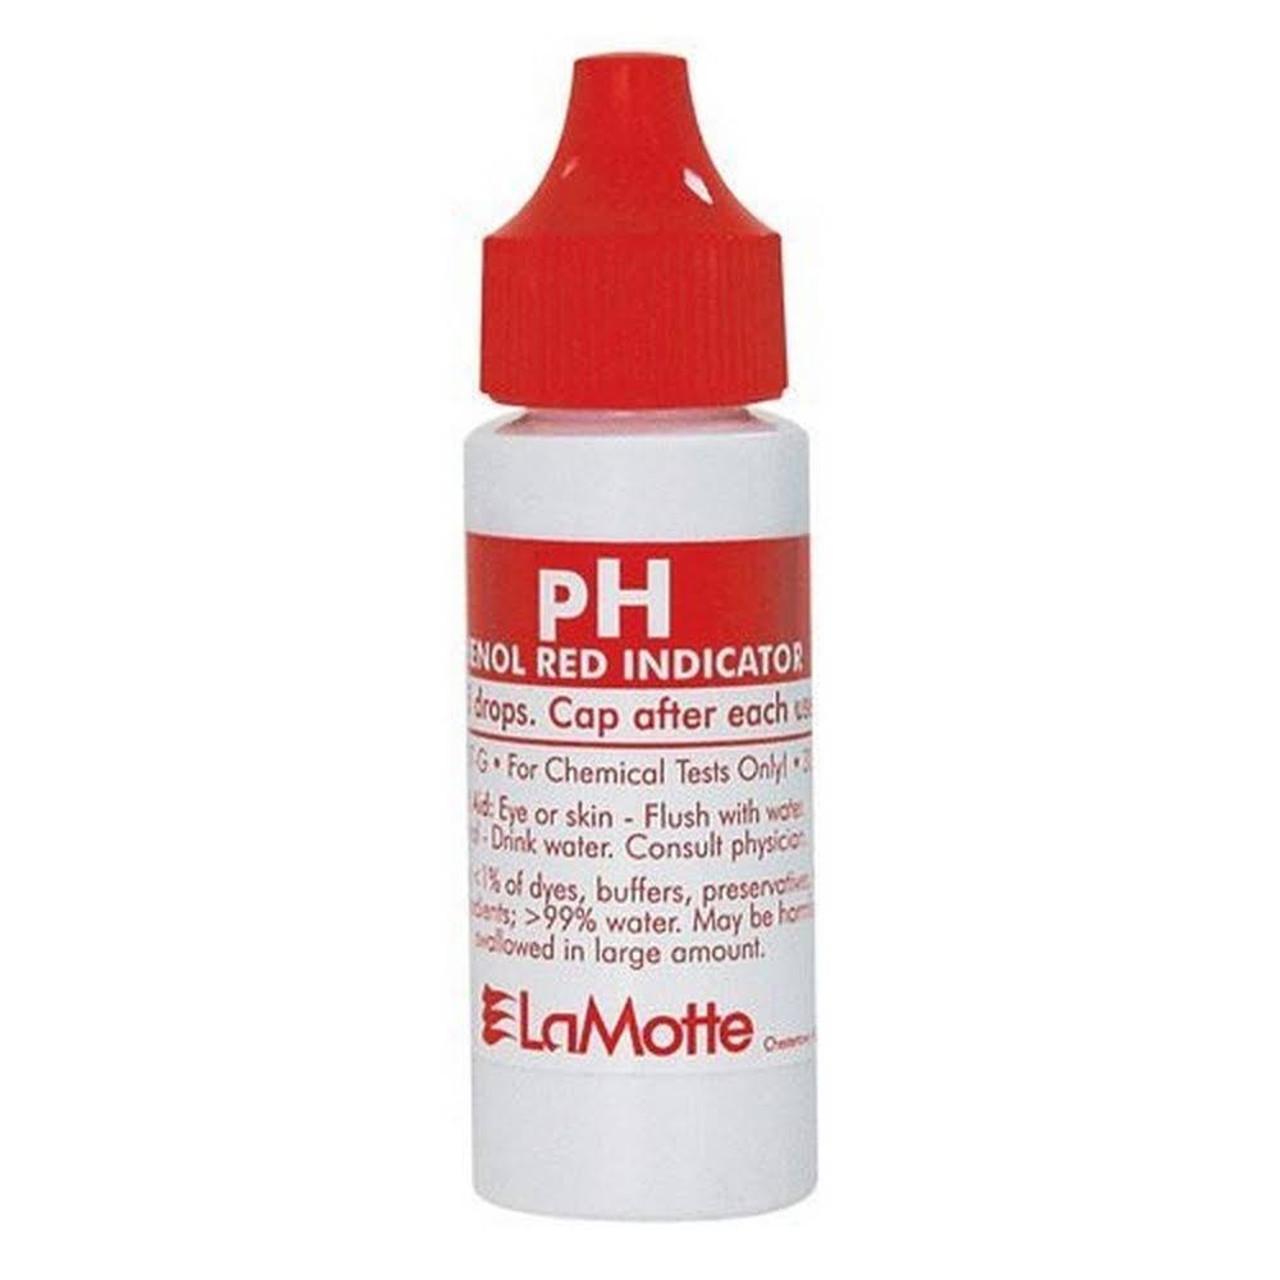 pH Reagent, 30 mL